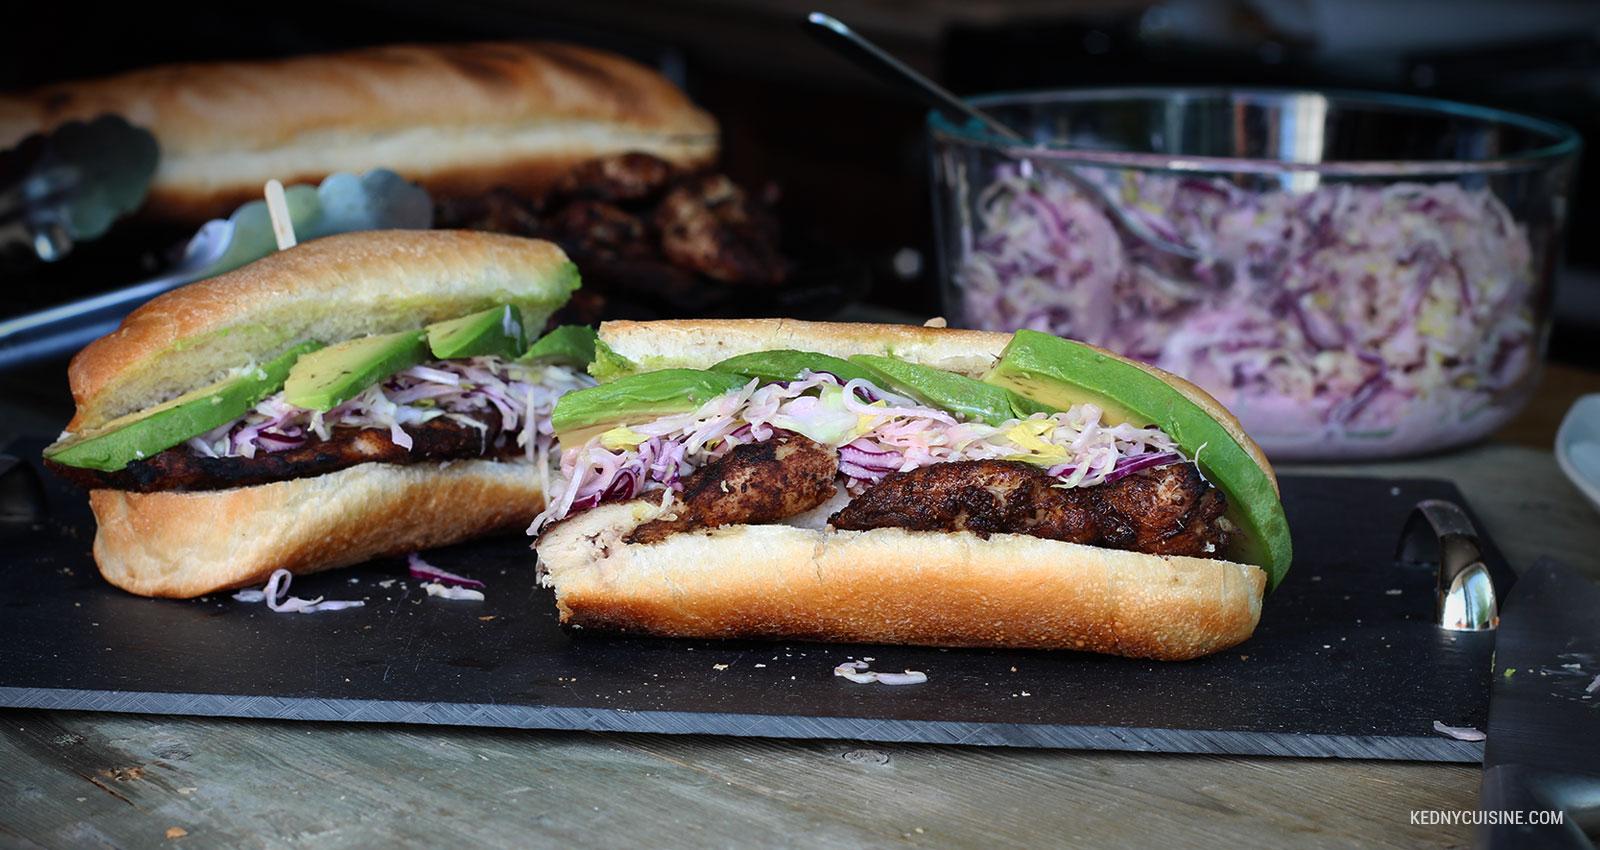 Sandwich au poulet grillé et salade de choux inspiré de la Jamaïque